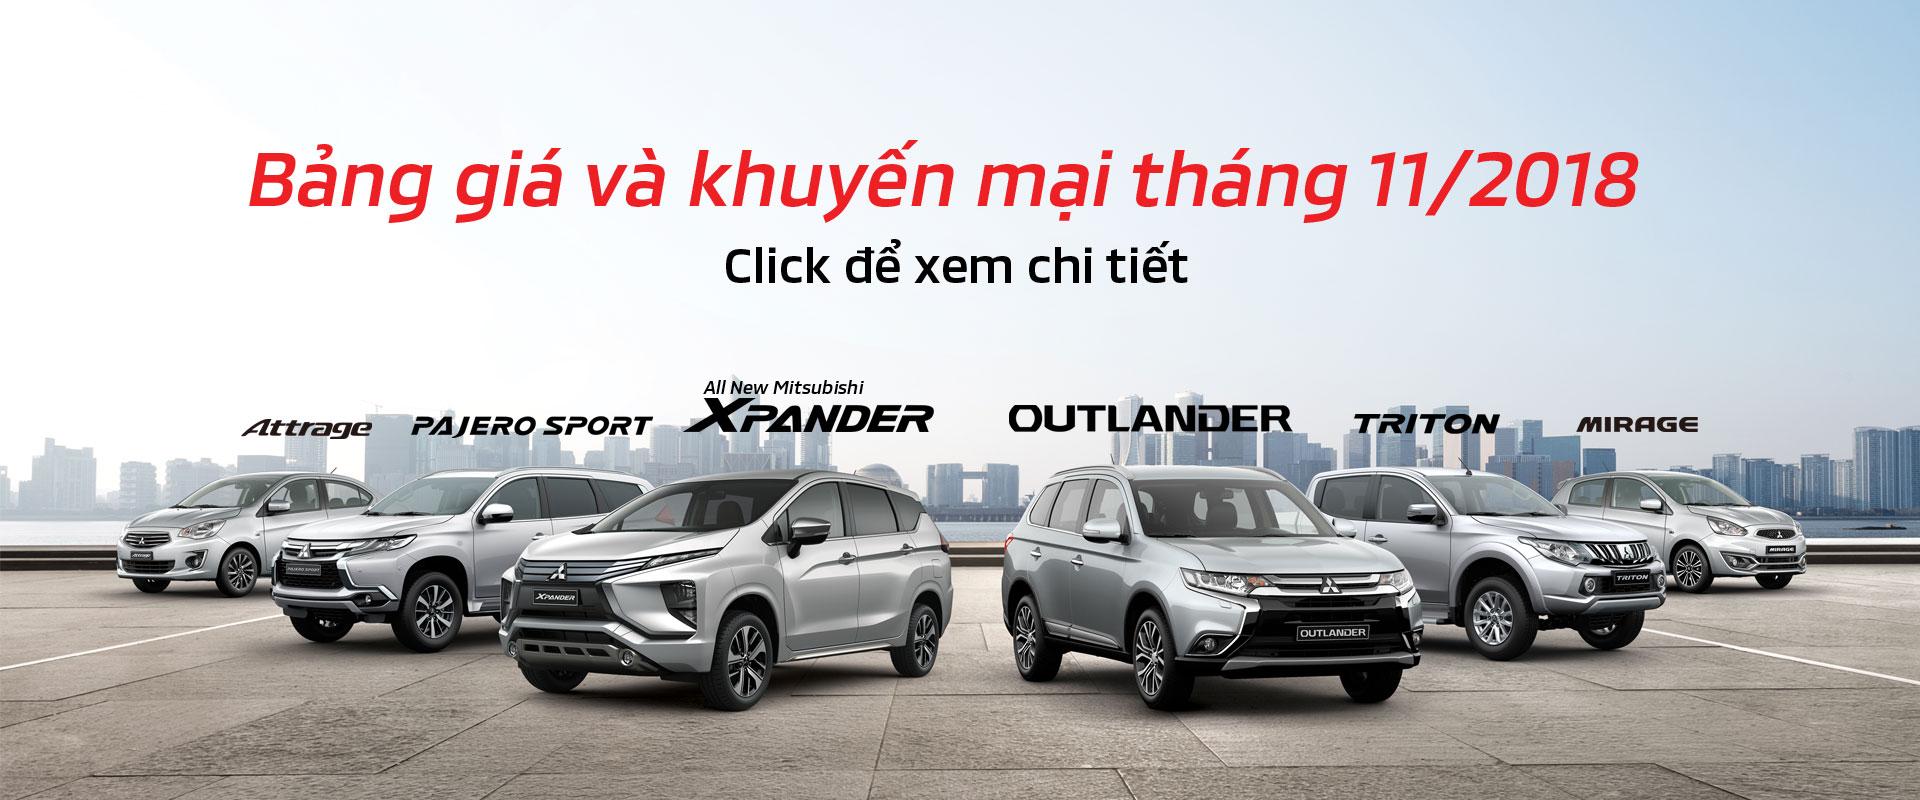 Bảng giá và khuyến mãi xe Mitsubishi tháng 11/2018